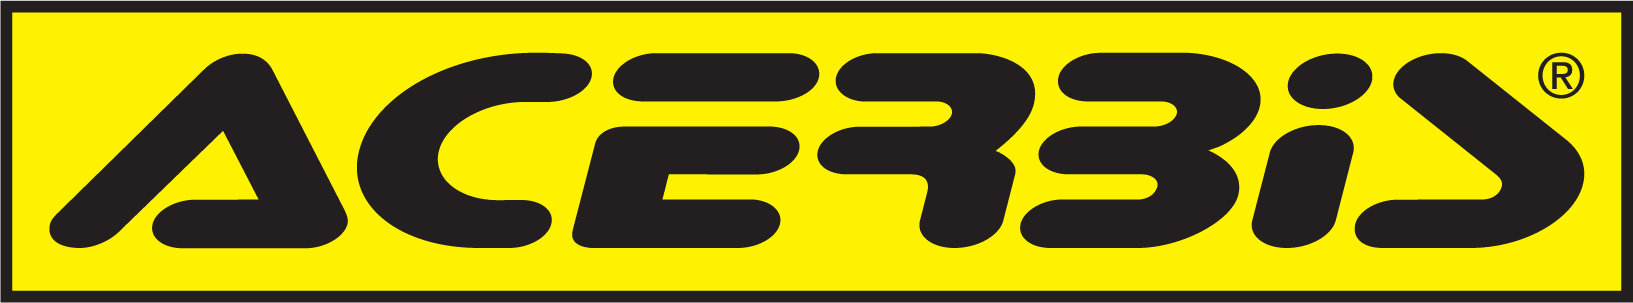 acerbis_logo_yellow_black.png